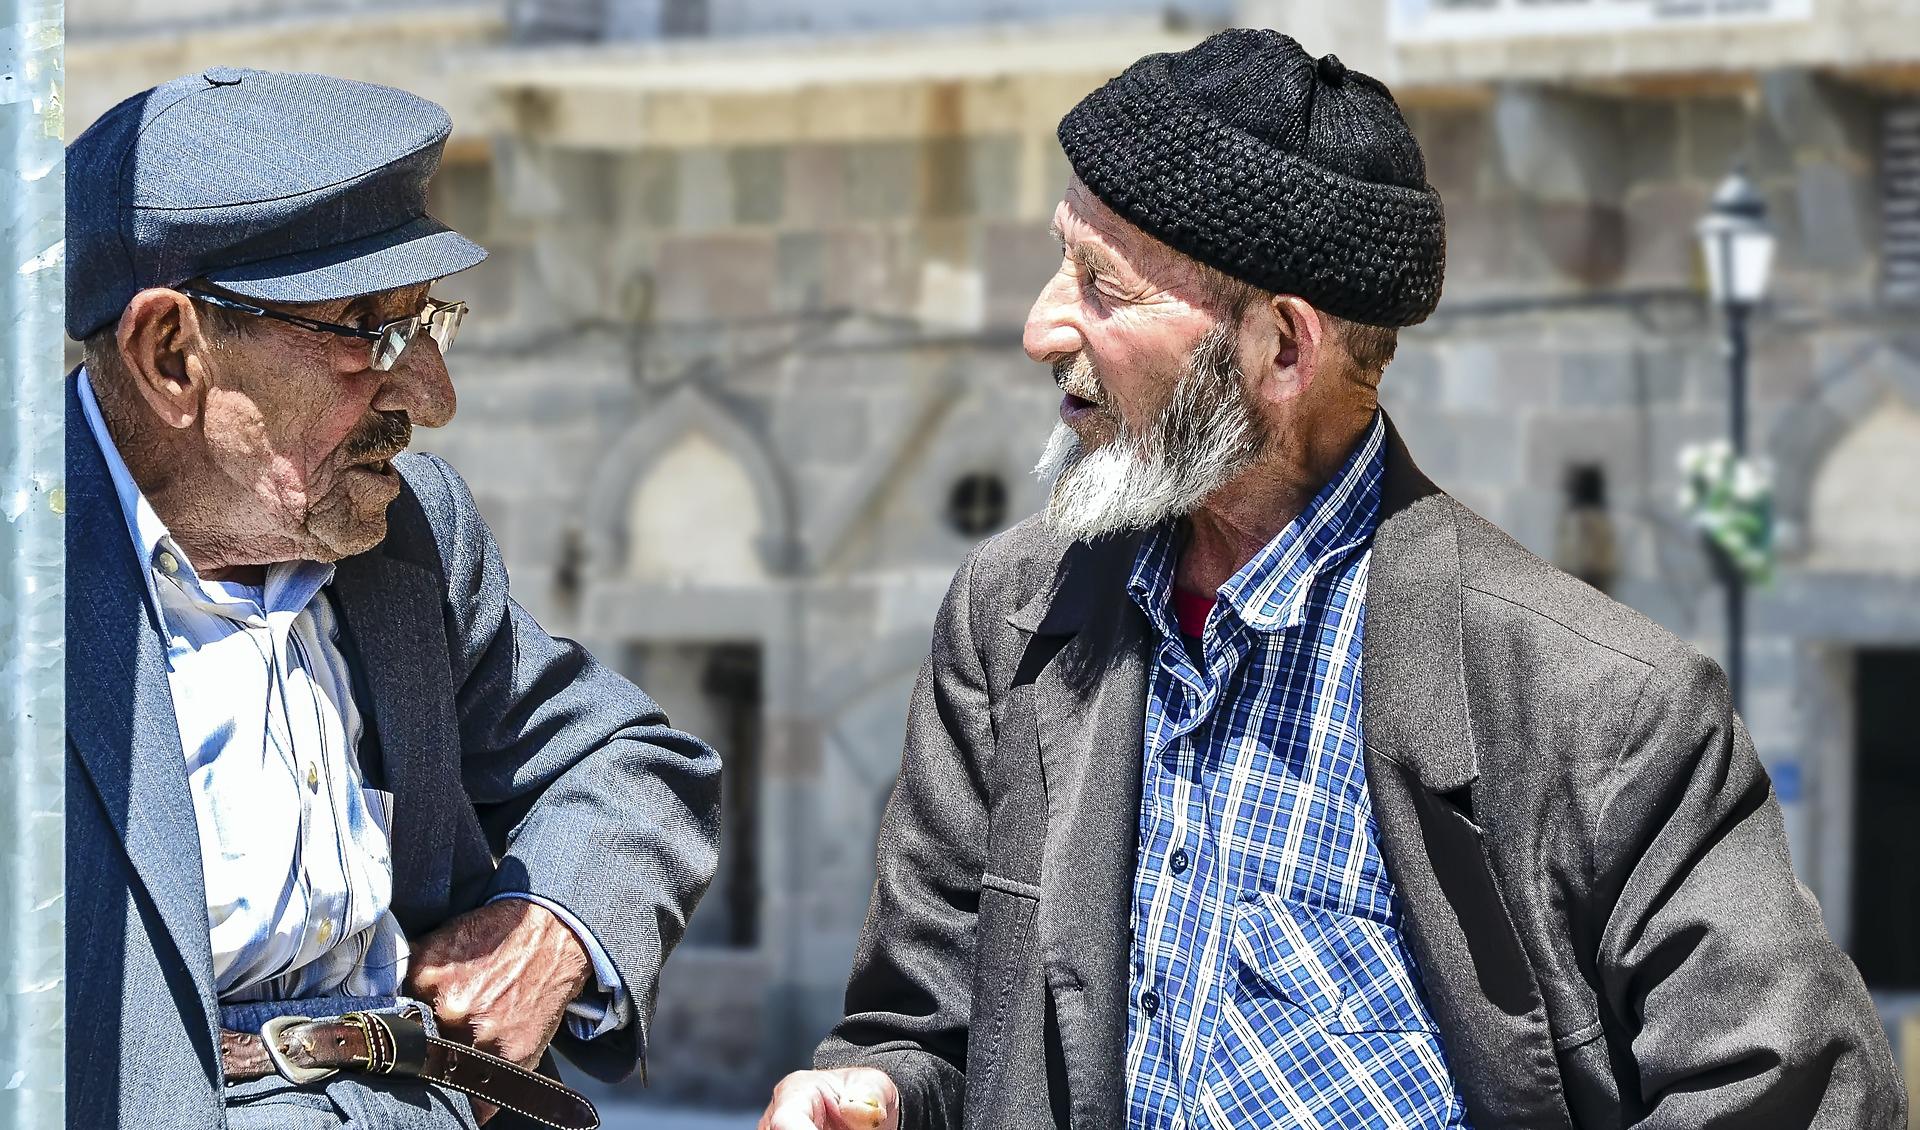 Innspillsmøte om eldre med minoritetsbkgrunn